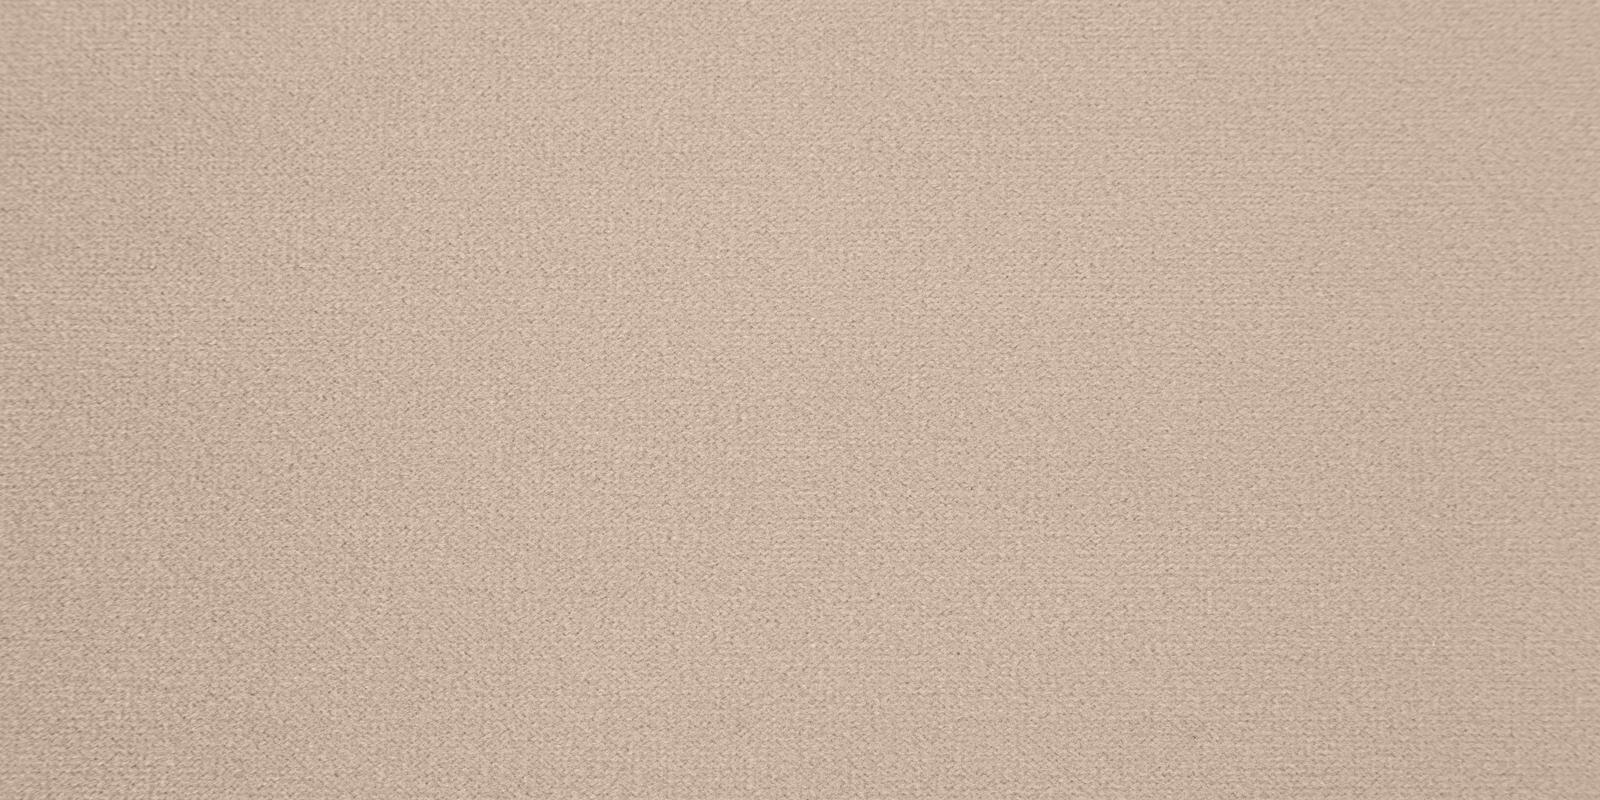 Диван тканевый прямой Лион Velure бежевый/коричневый (Велюр)